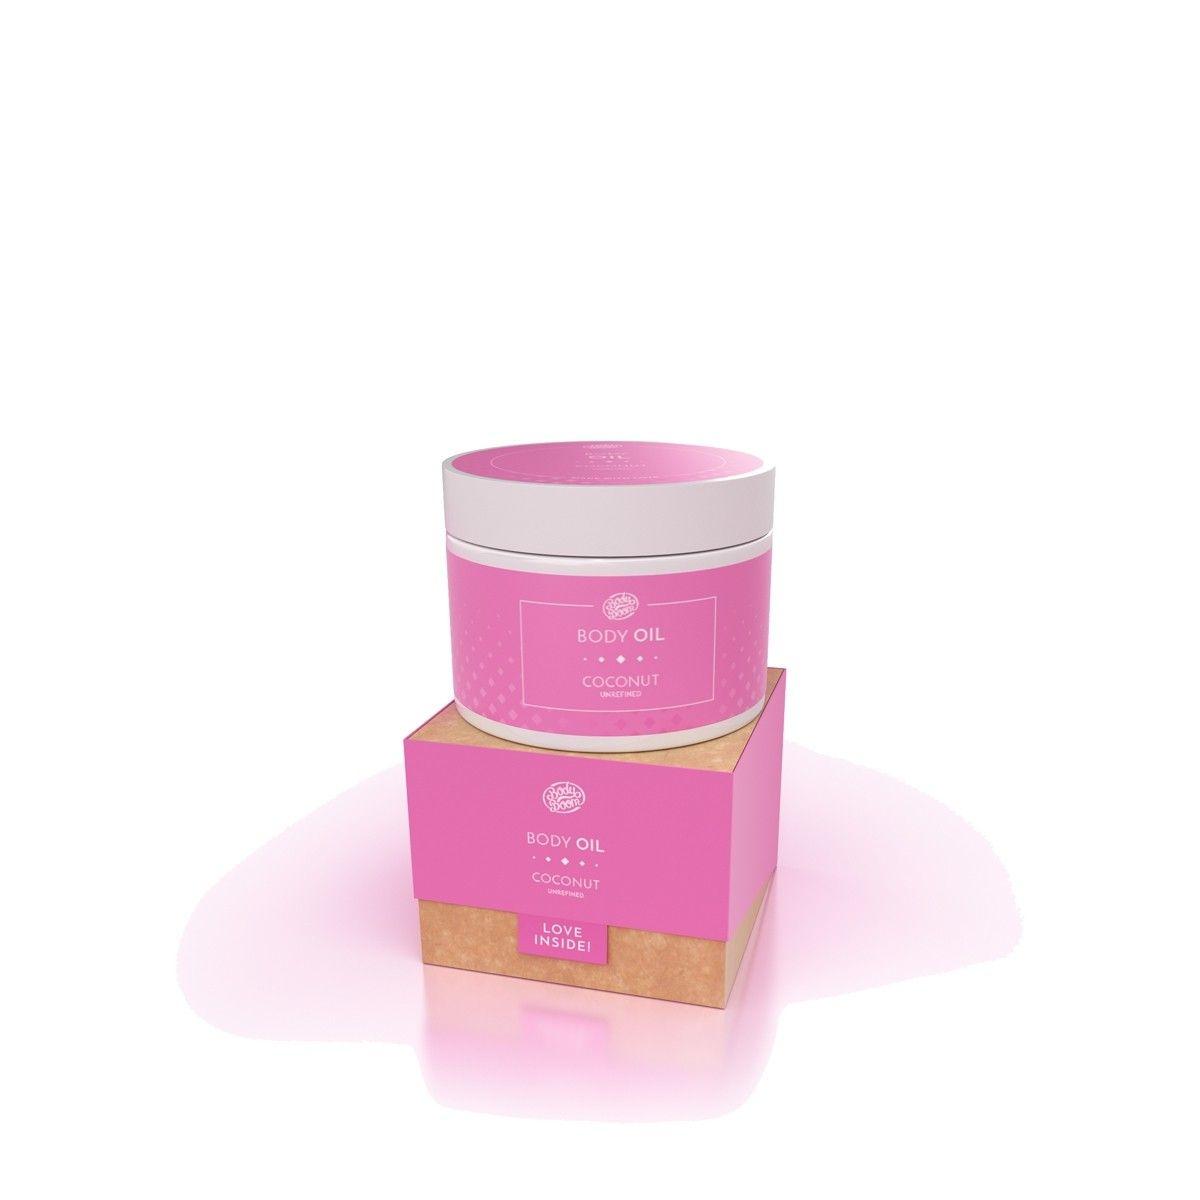 Afbeelding van Bodyboom Body Oil Coconut Bodycrème Beauty